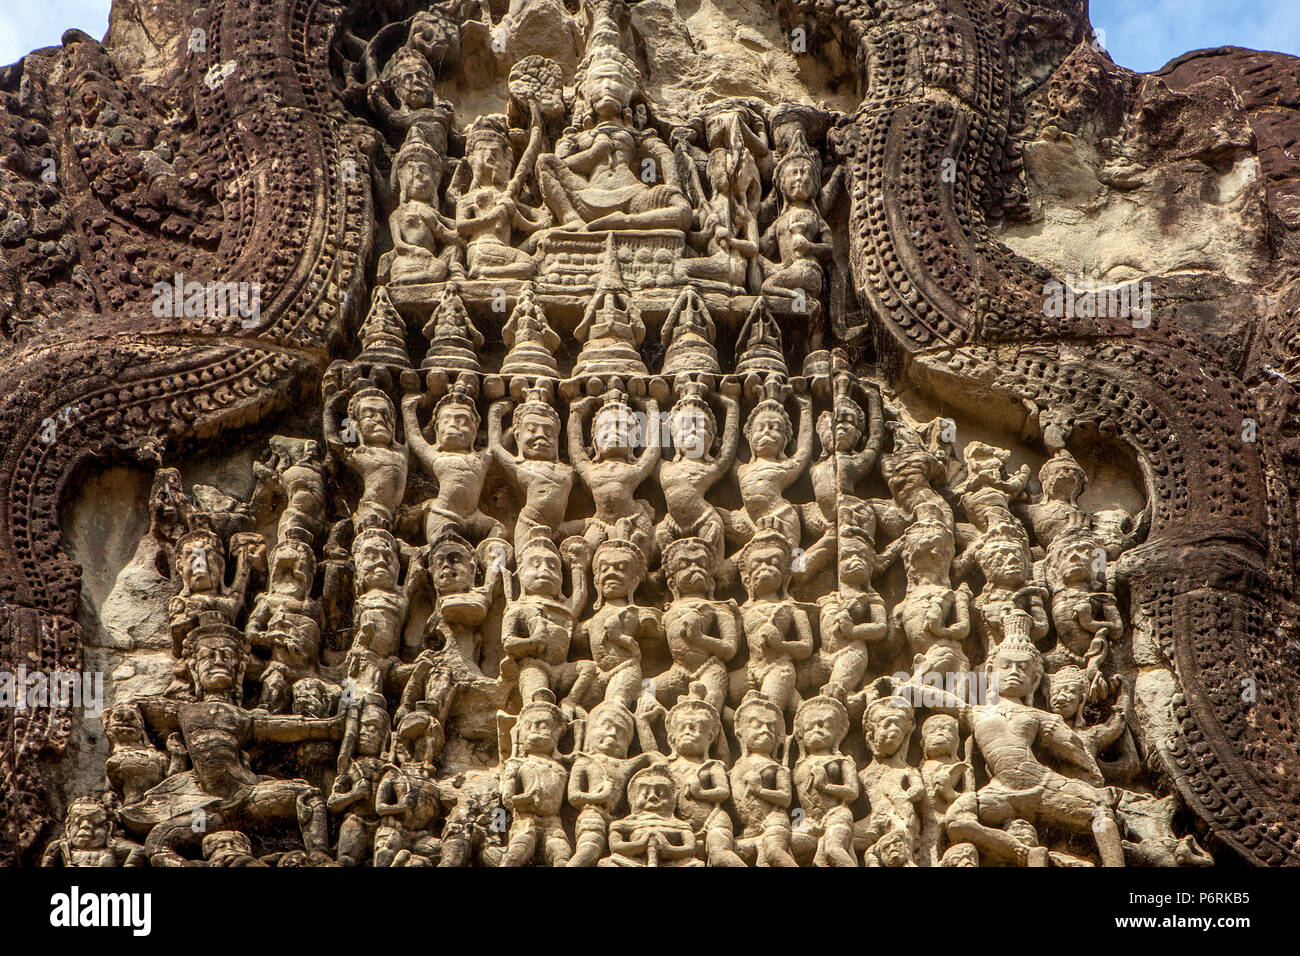 Riccamente intagliato frontone di pietra arenaria a Angkor Wat a Siem Reap, Cambogia. Immagini Stock